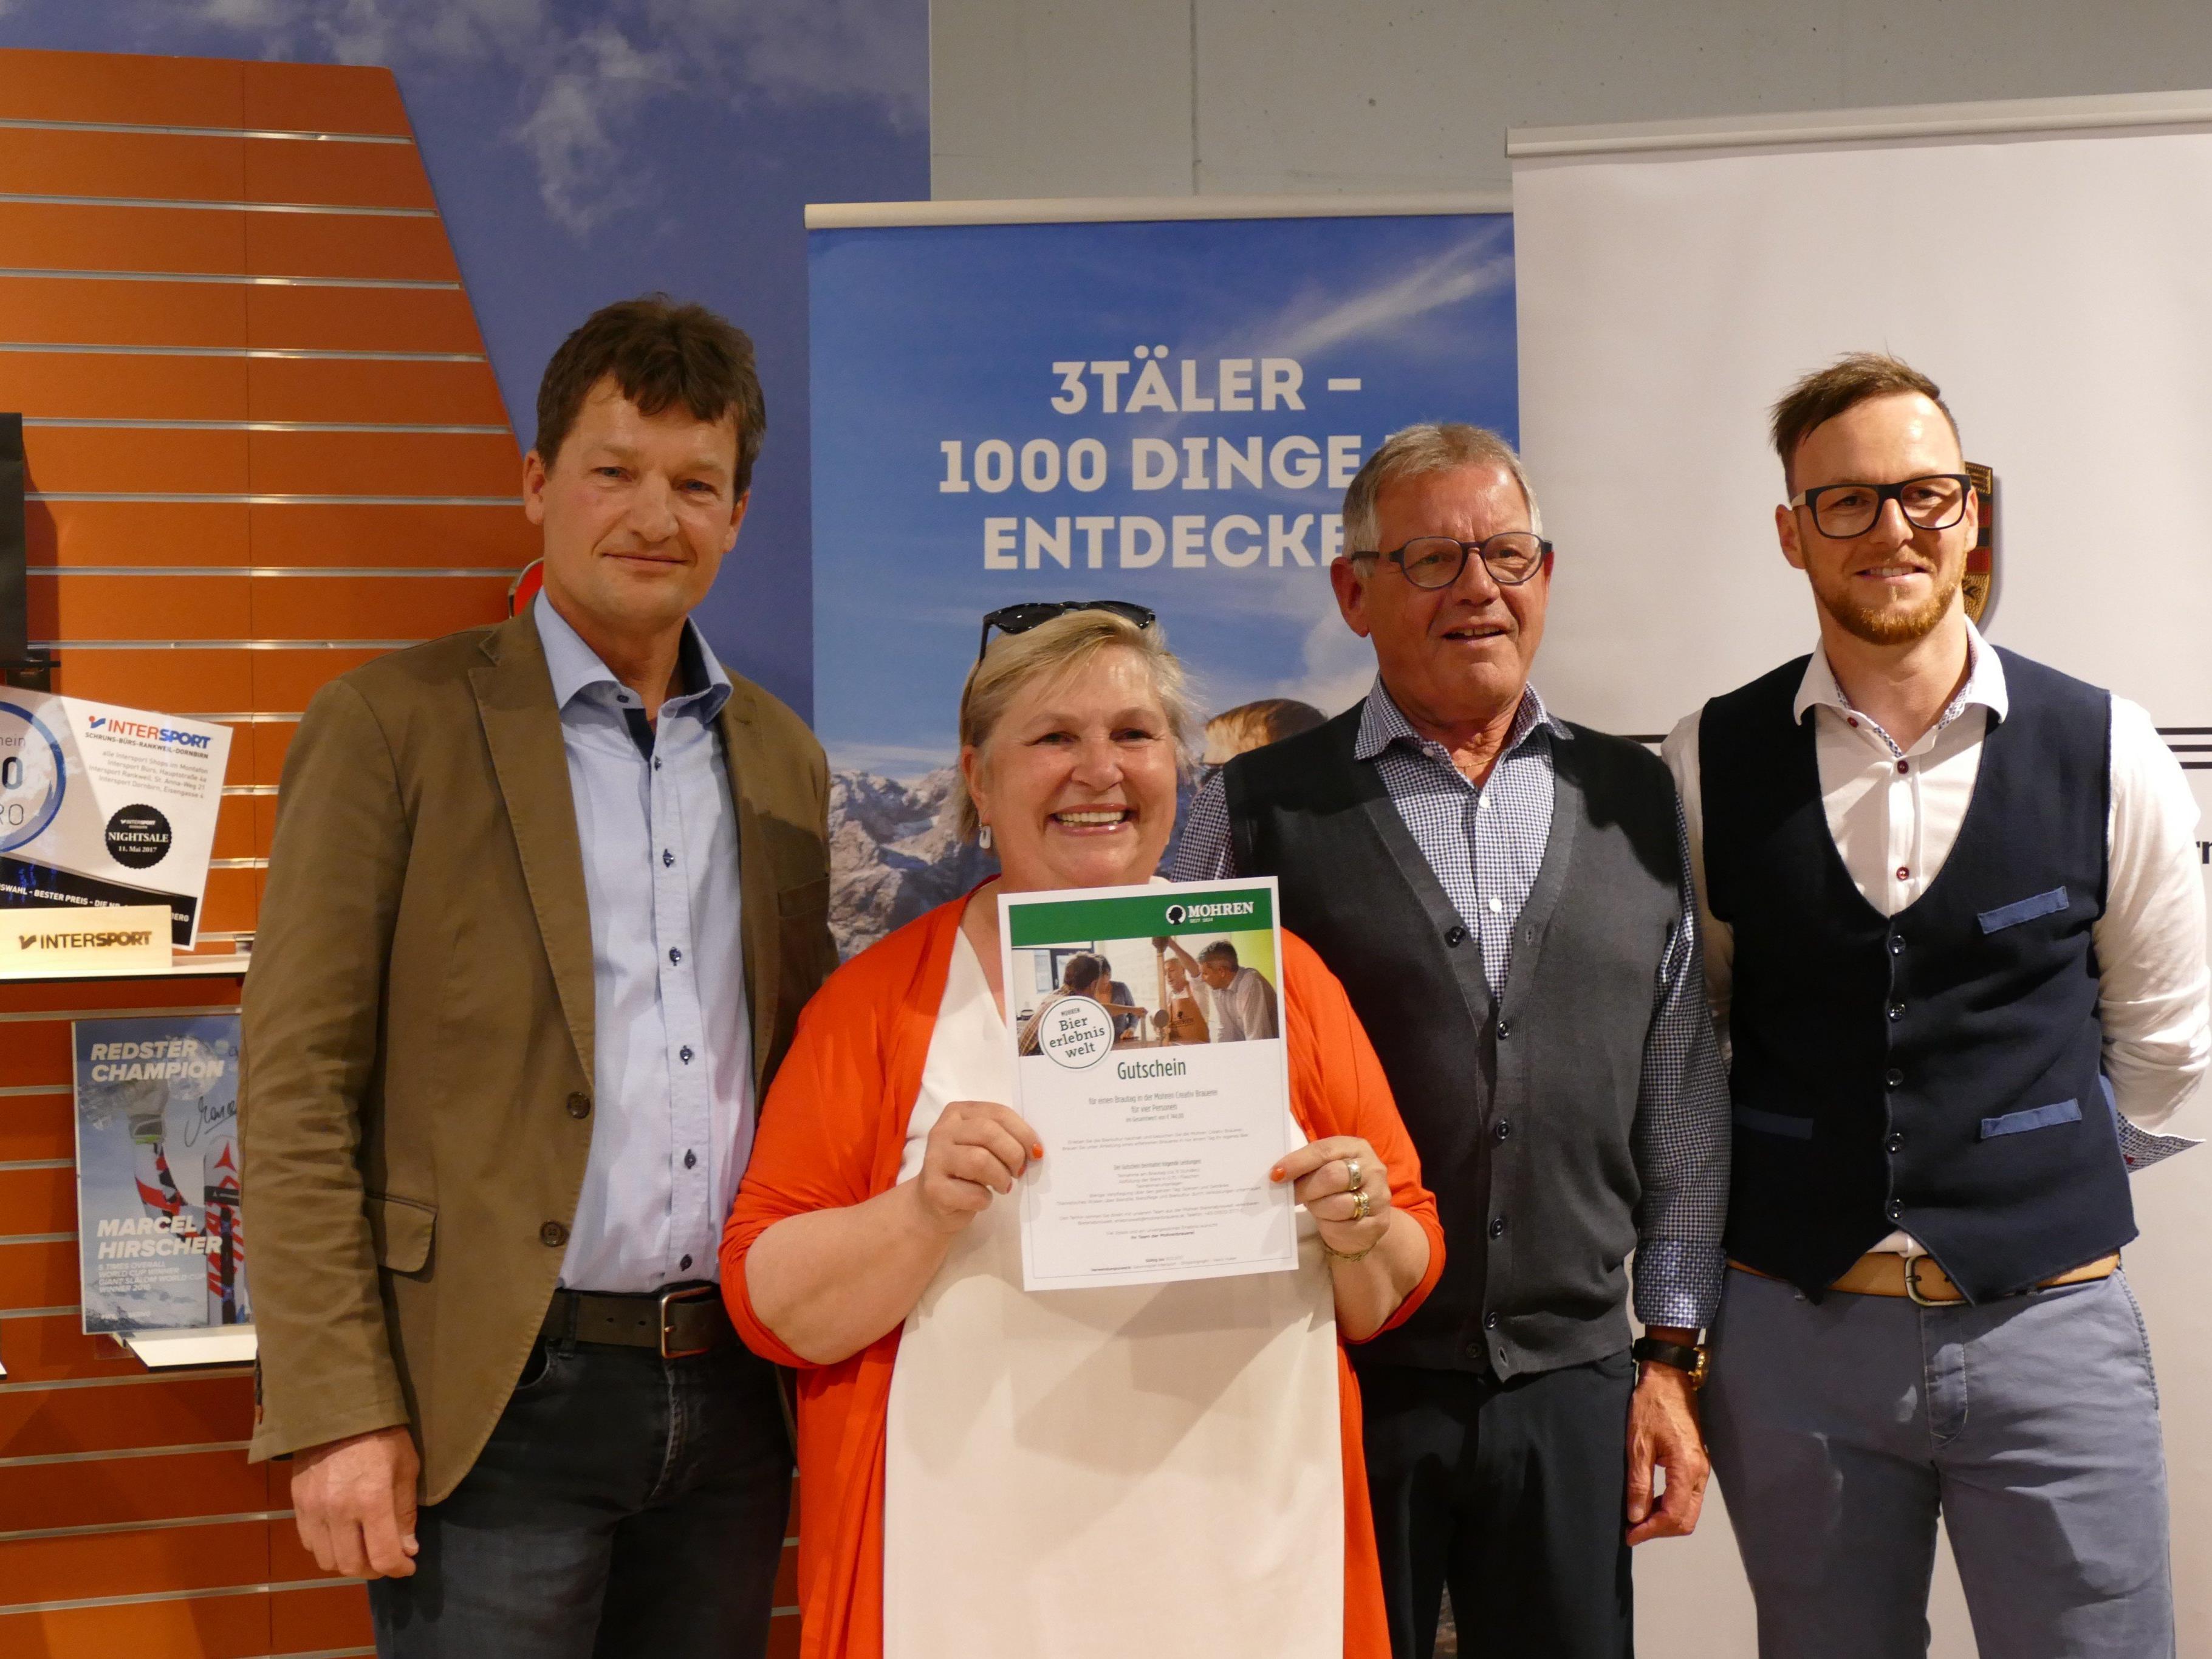 Bierbrautag-Gewinnerin Francoise Paszek mit Heinz Huber, Erhard Fischer und Alexander Borg.